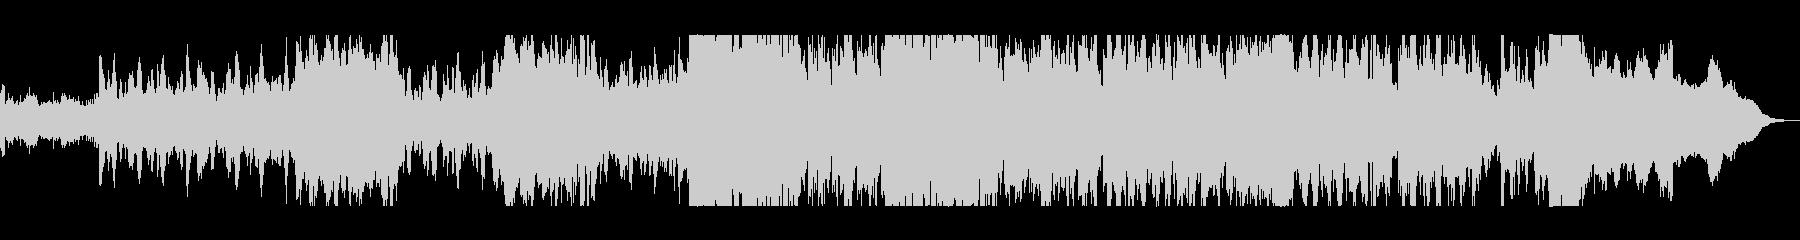 シリアスな弦楽器シンフォニーテクノの未再生の波形